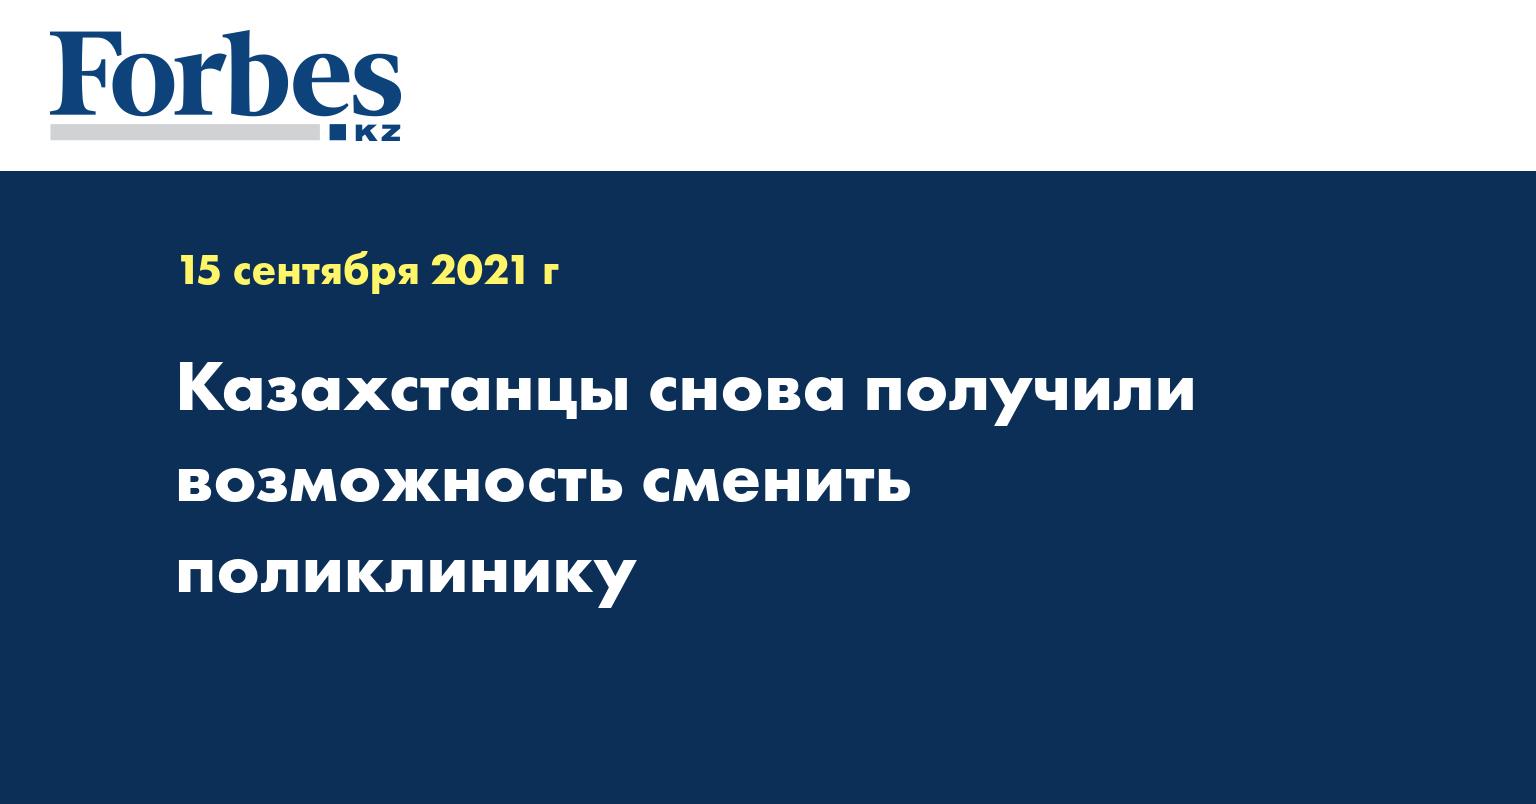 Казахстанцы снова получили возможность сменить поликлинику